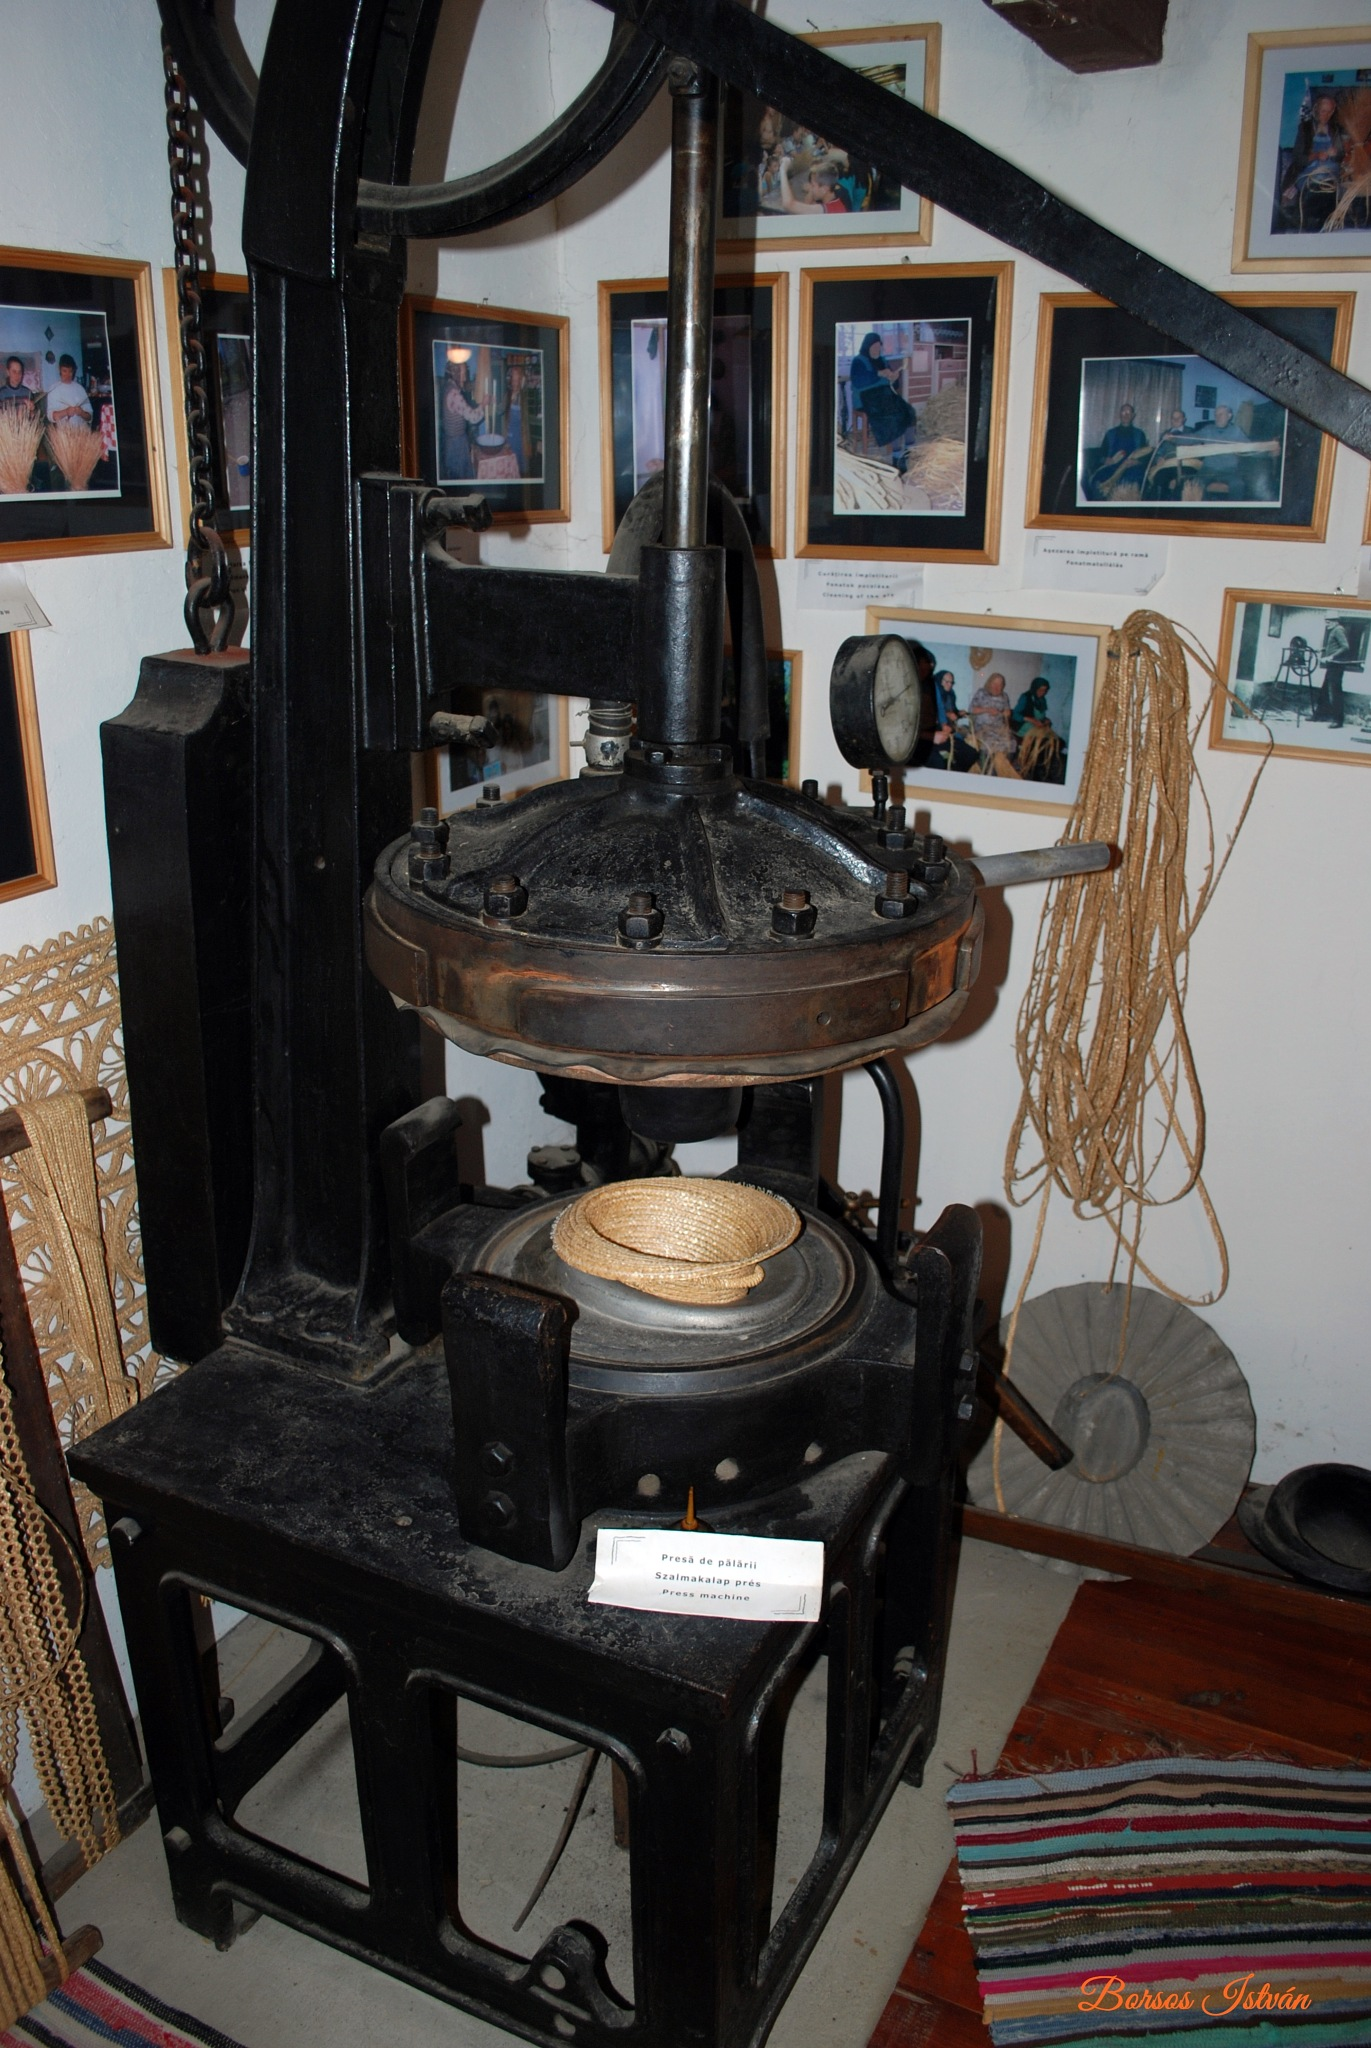 Szalmakalap múzeum – Kőrispatak, Erdély - Straw Hat Museum - Kőrispatak, Transylvania by Borsos István